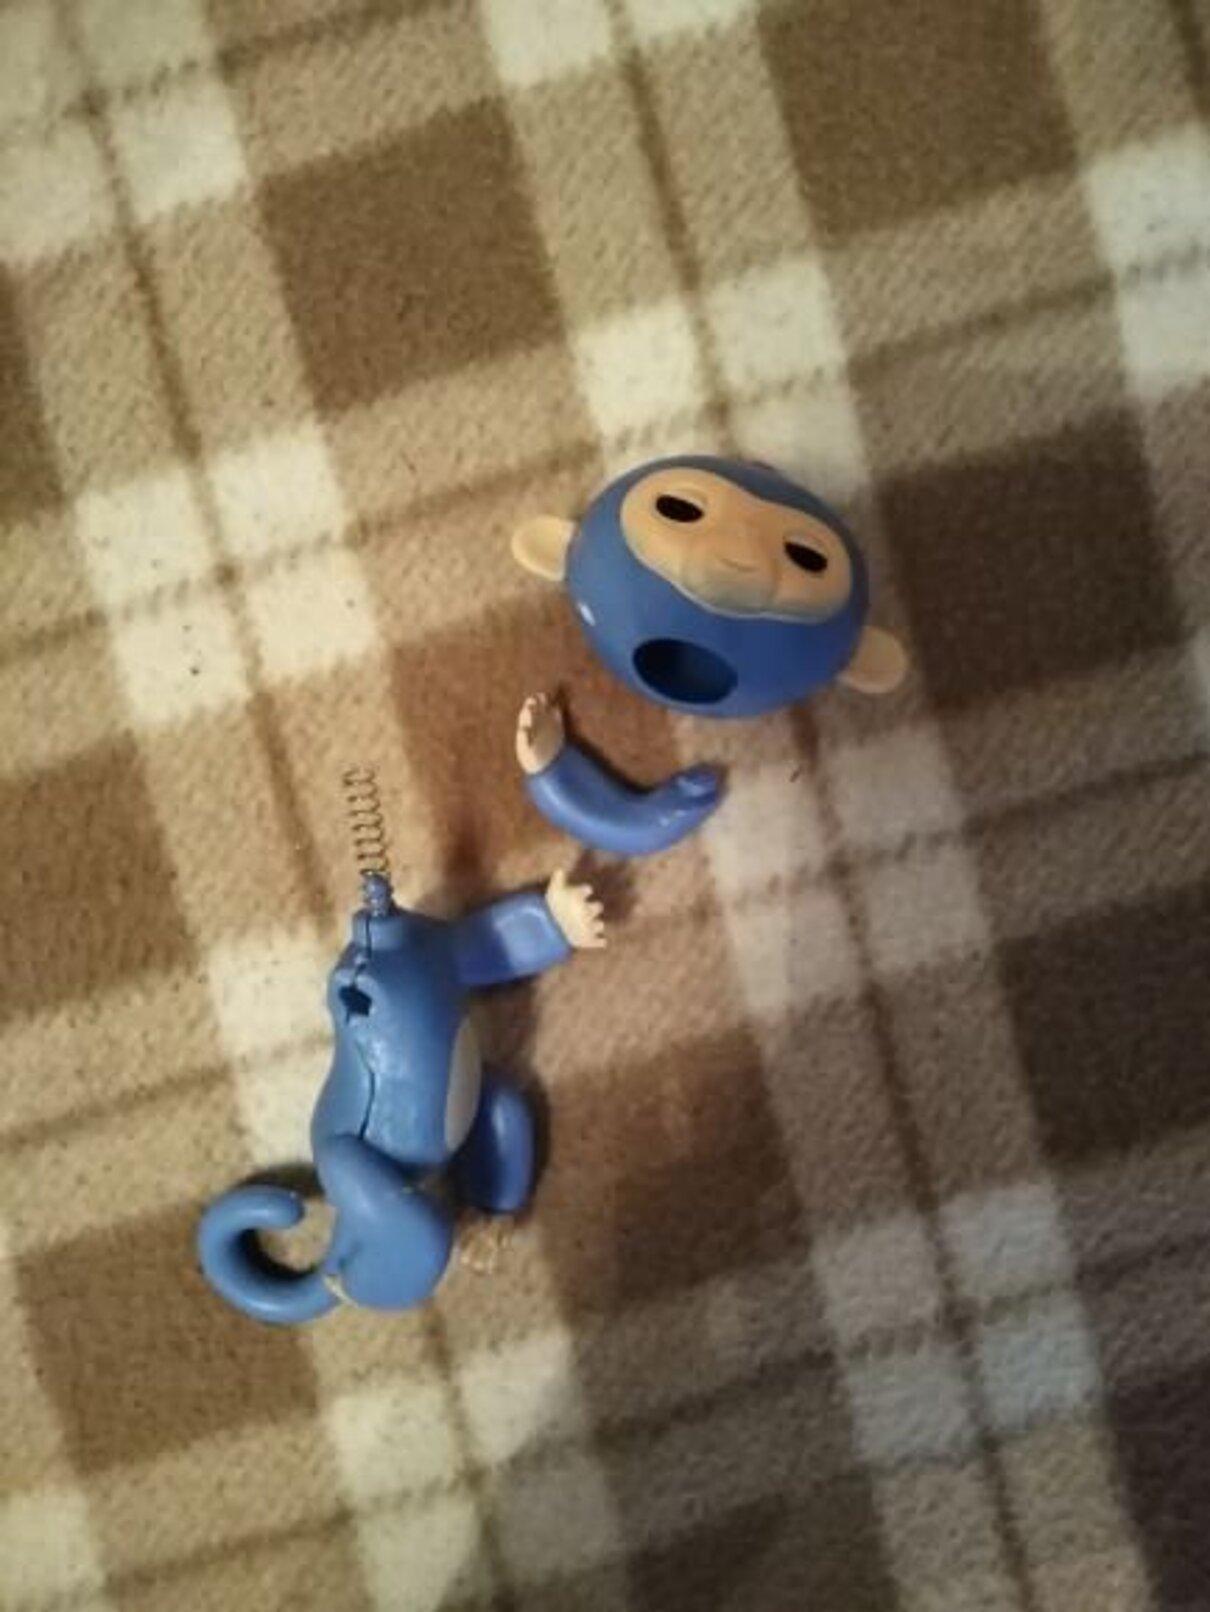 Жалоба-отзыв: Http://blythe-doll.site - Мошенники.  Фото №3